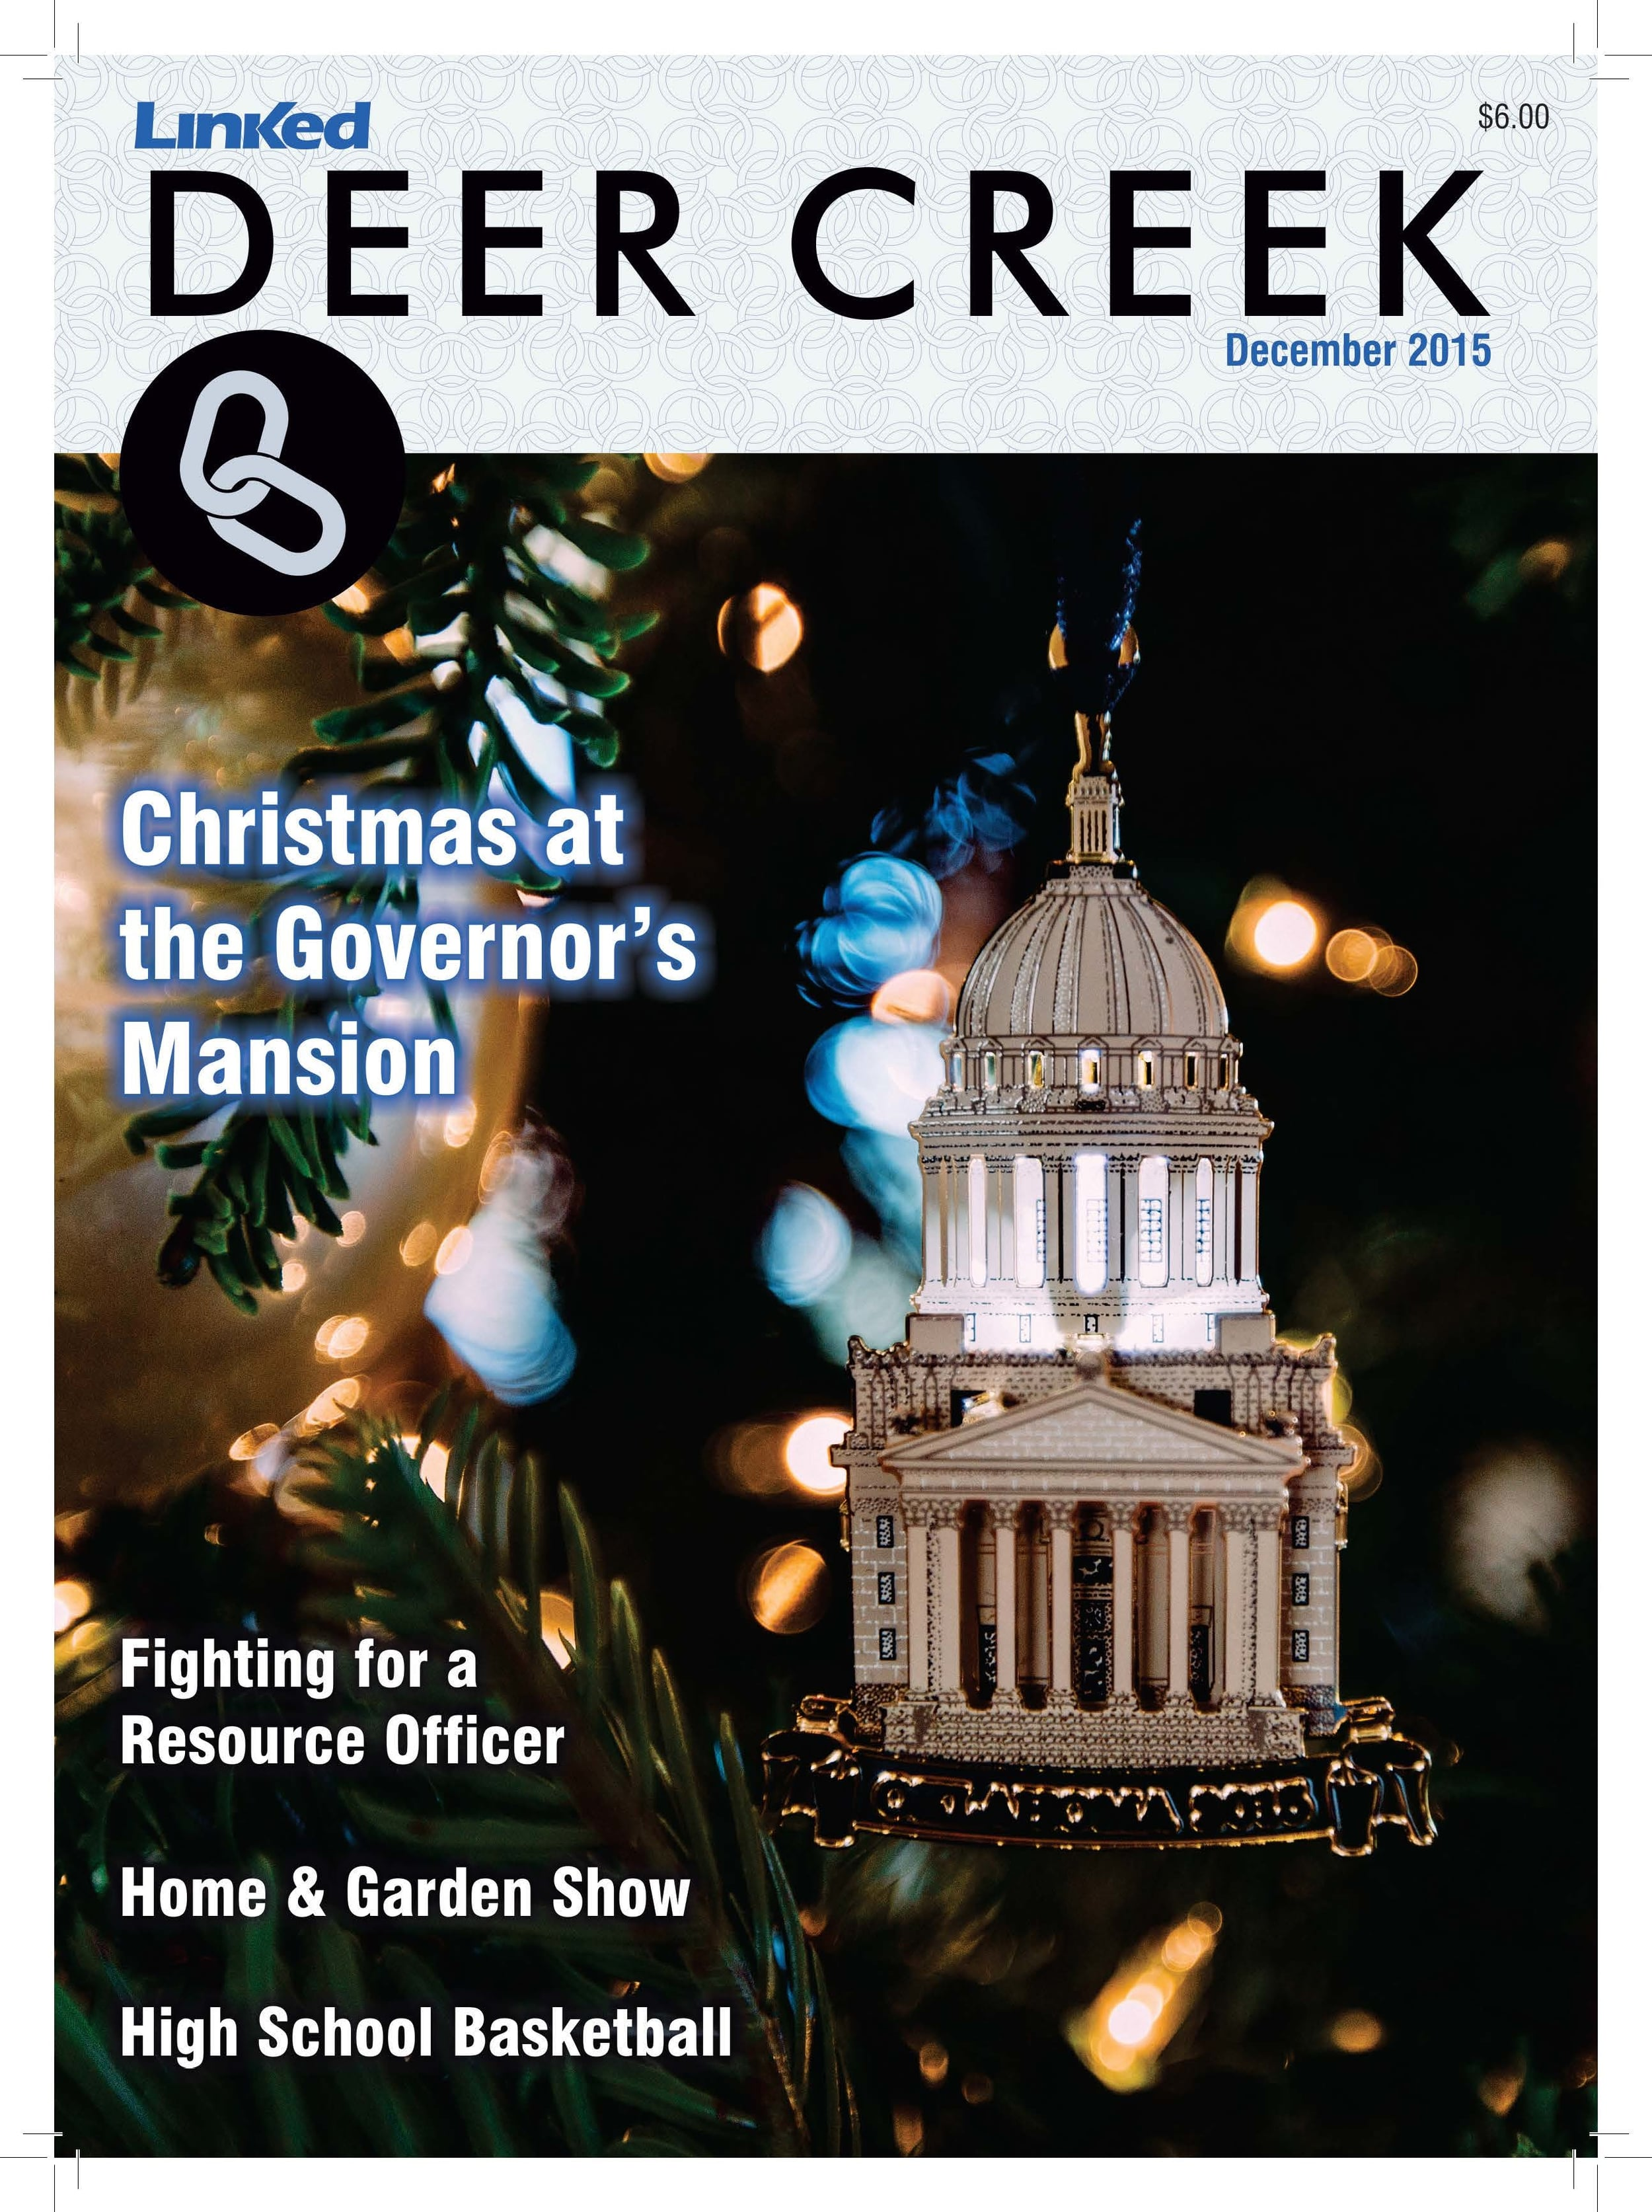 Deer Creek December FINAL_Page_01.jpg